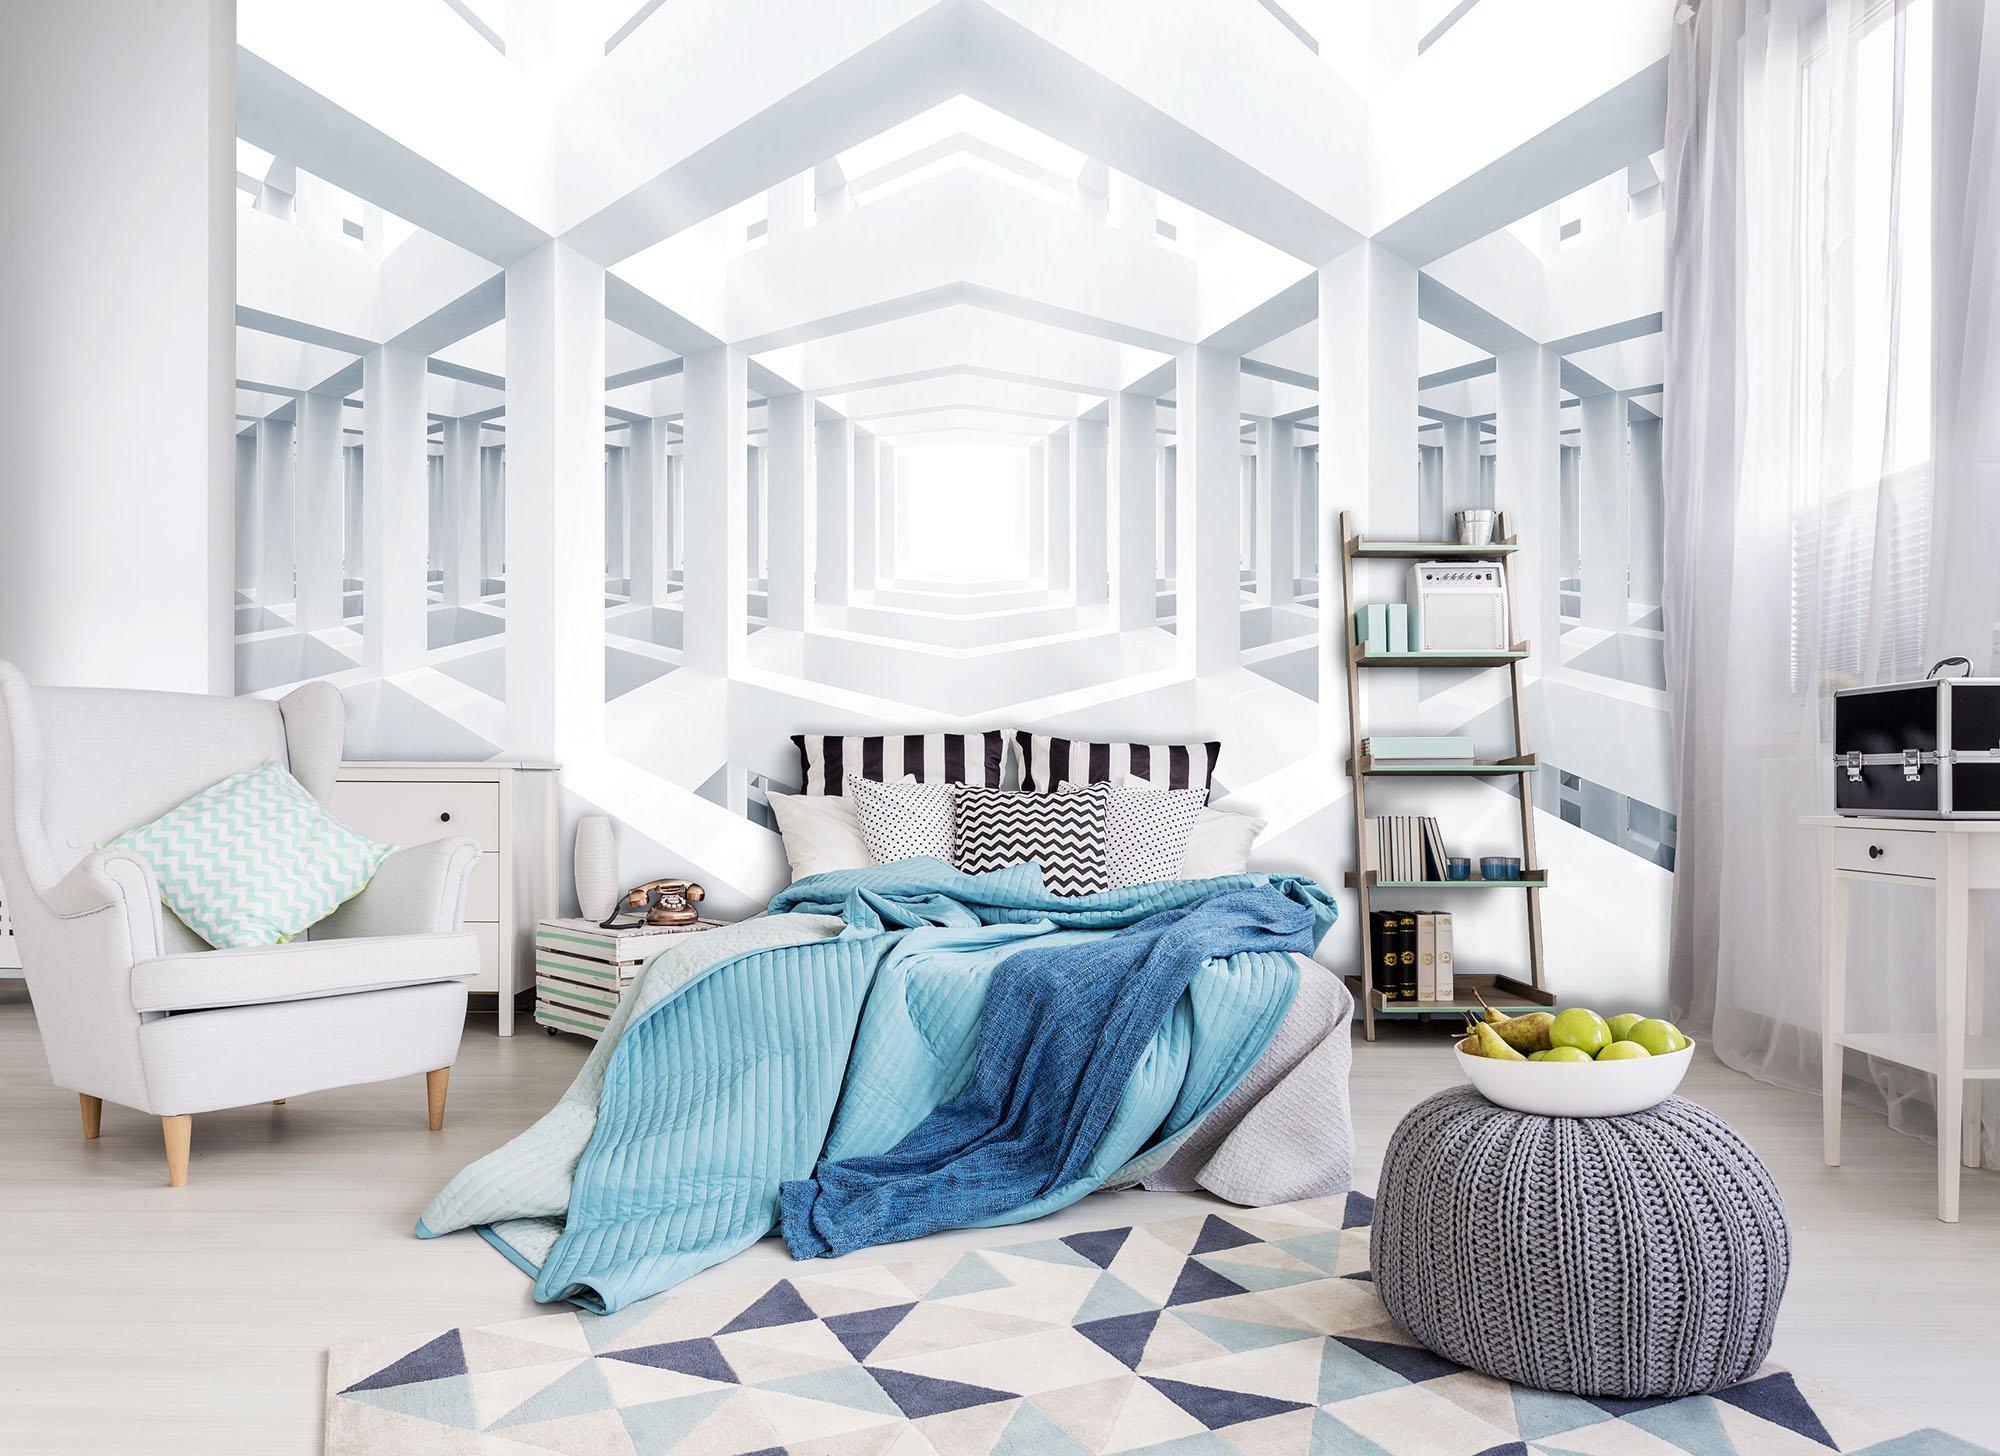 xxl fototapete mit wei em spiegelraum weltderbilder. Black Bedroom Furniture Sets. Home Design Ideas